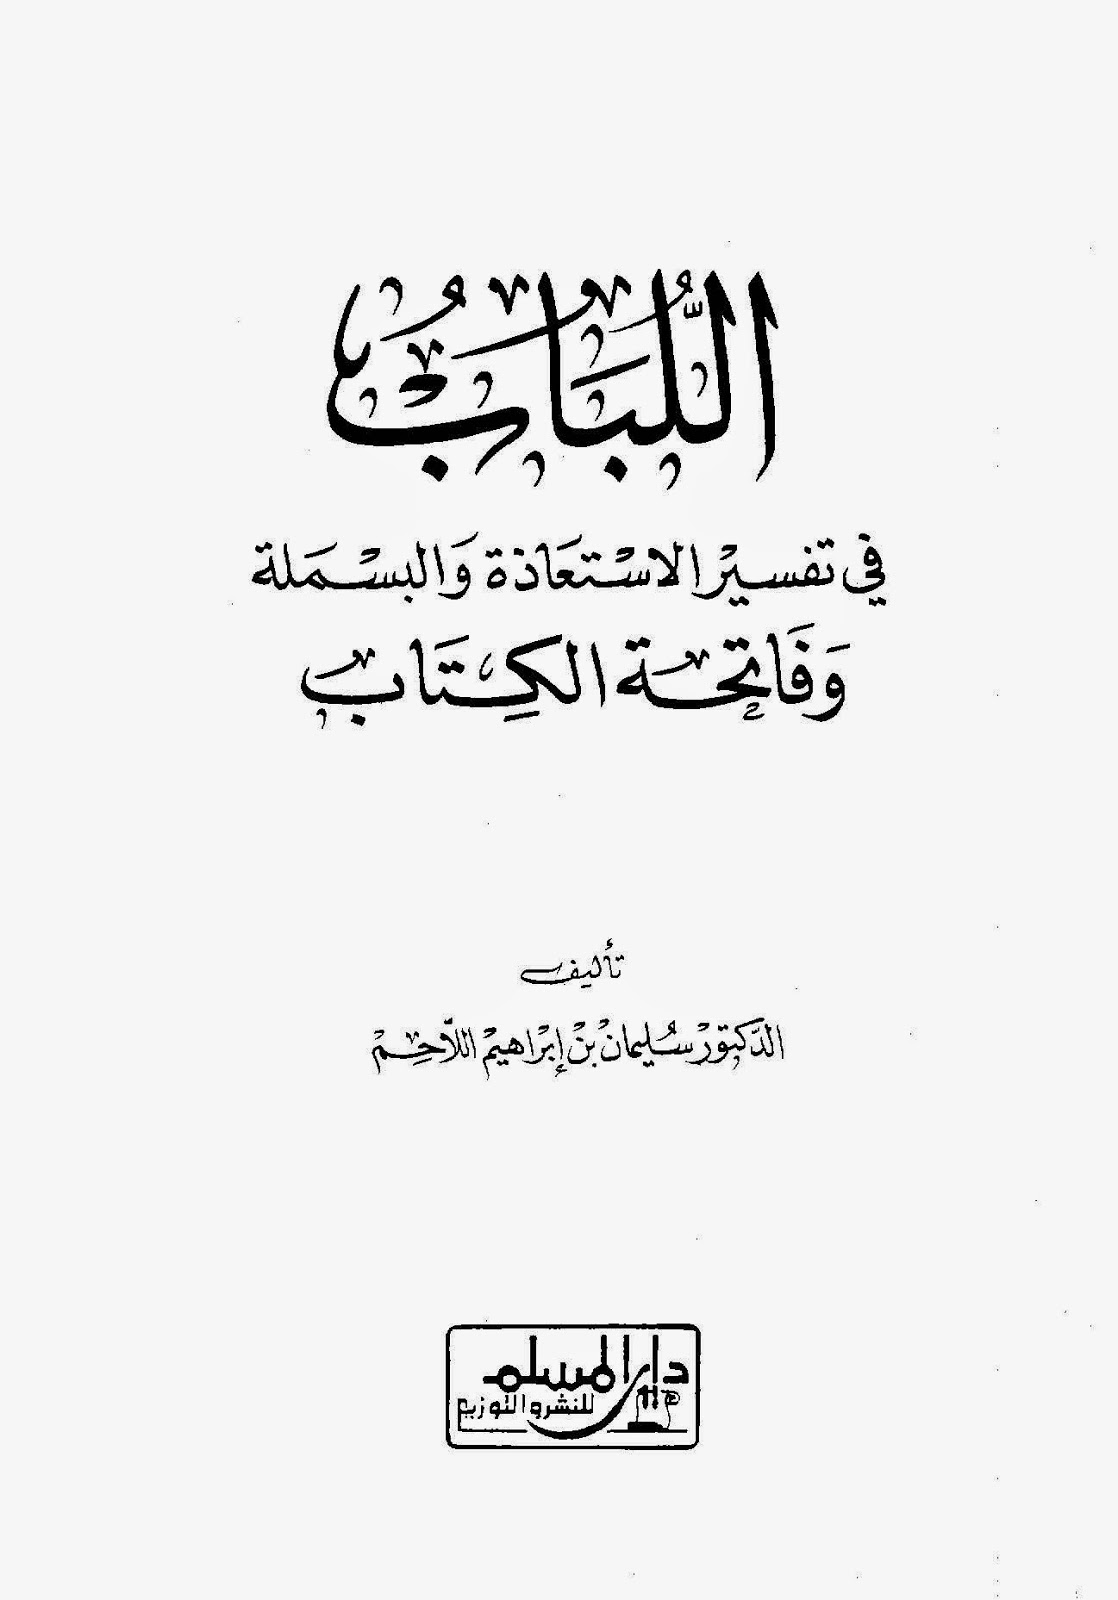 اللباب في تفسير الاستعاذة والبسملة وفاتحة الكتاب لـ سلمان اللاحم